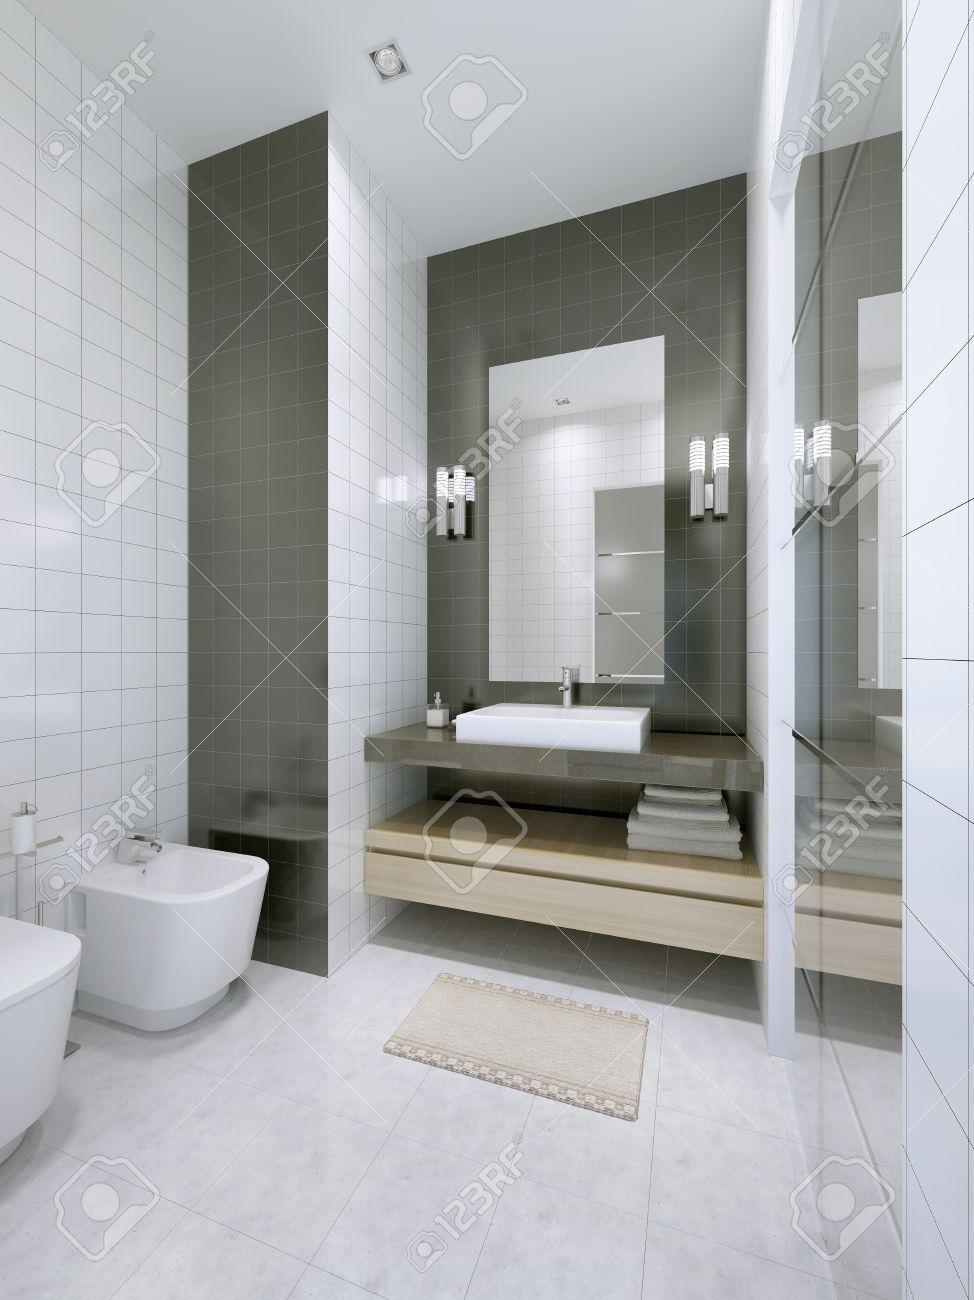 Cuarto De Baño Blanco En Apartamentos Del Hotel. Suelos De Baldosas ...